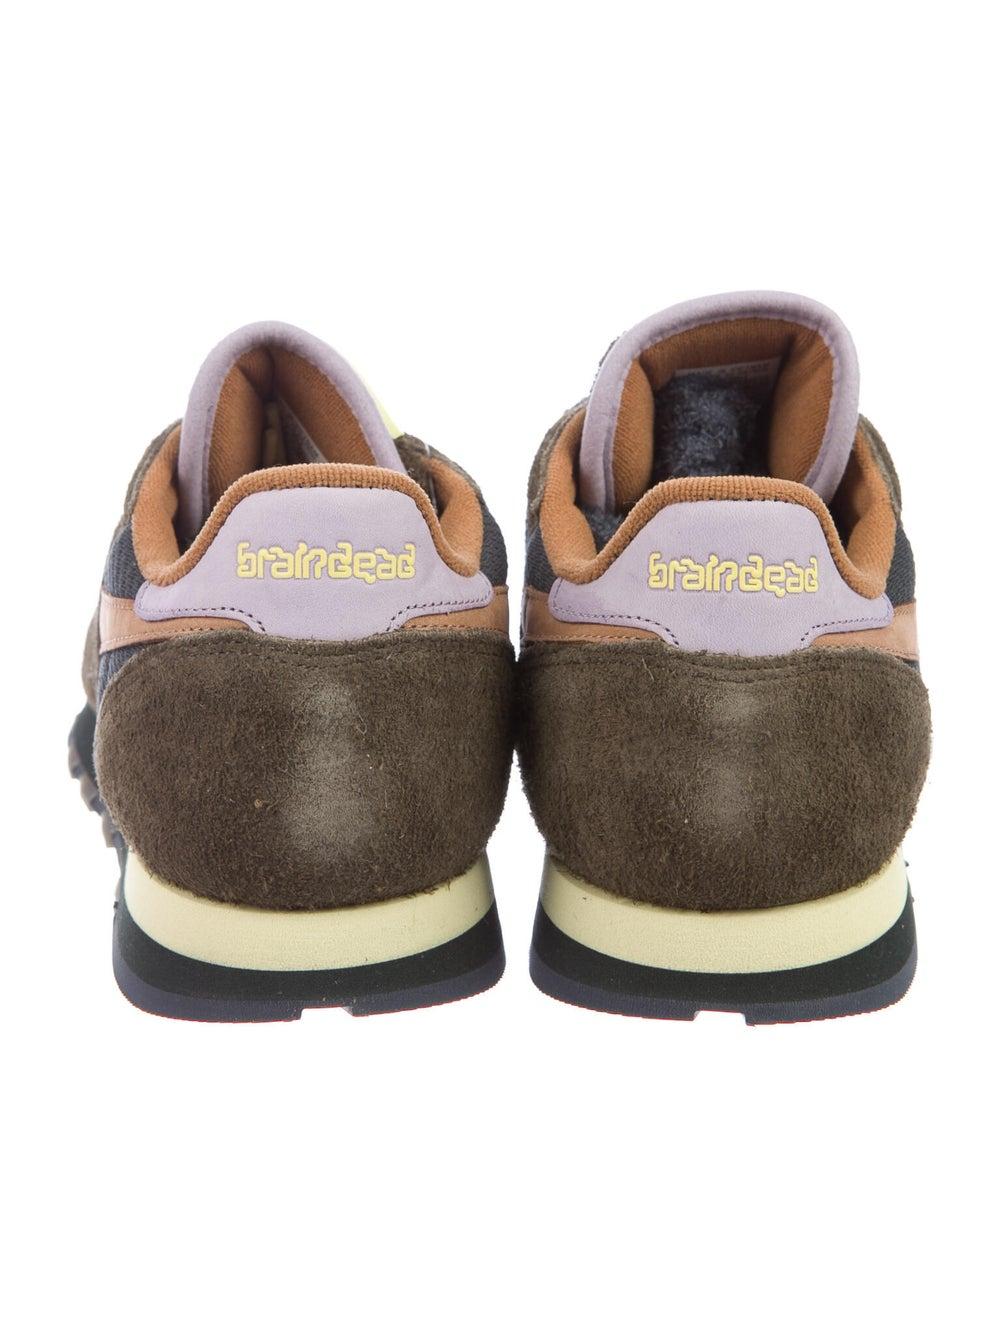 Reebok Suede Sneakers Green - image 4